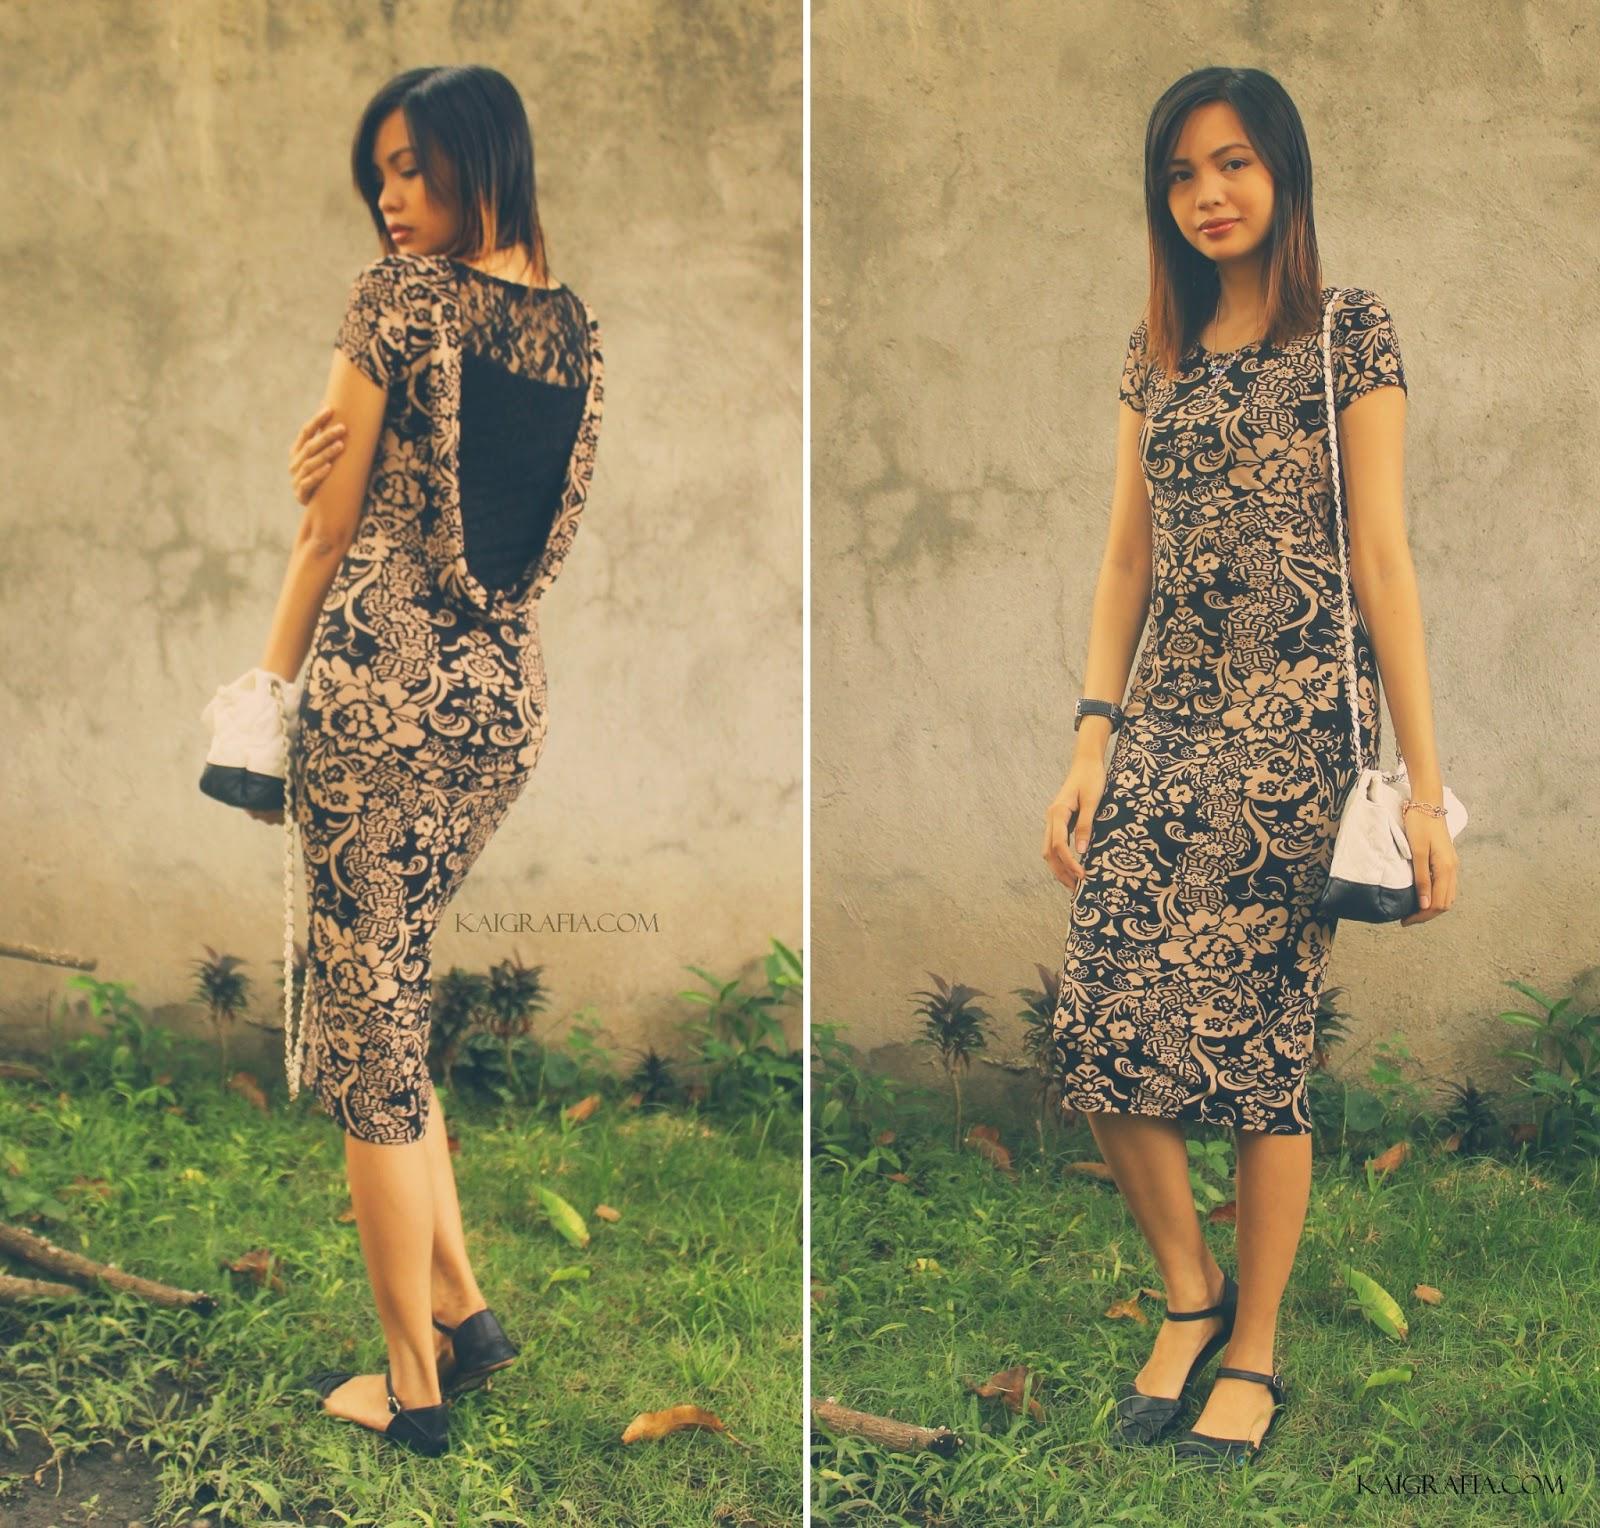 bare back damask dress and flats